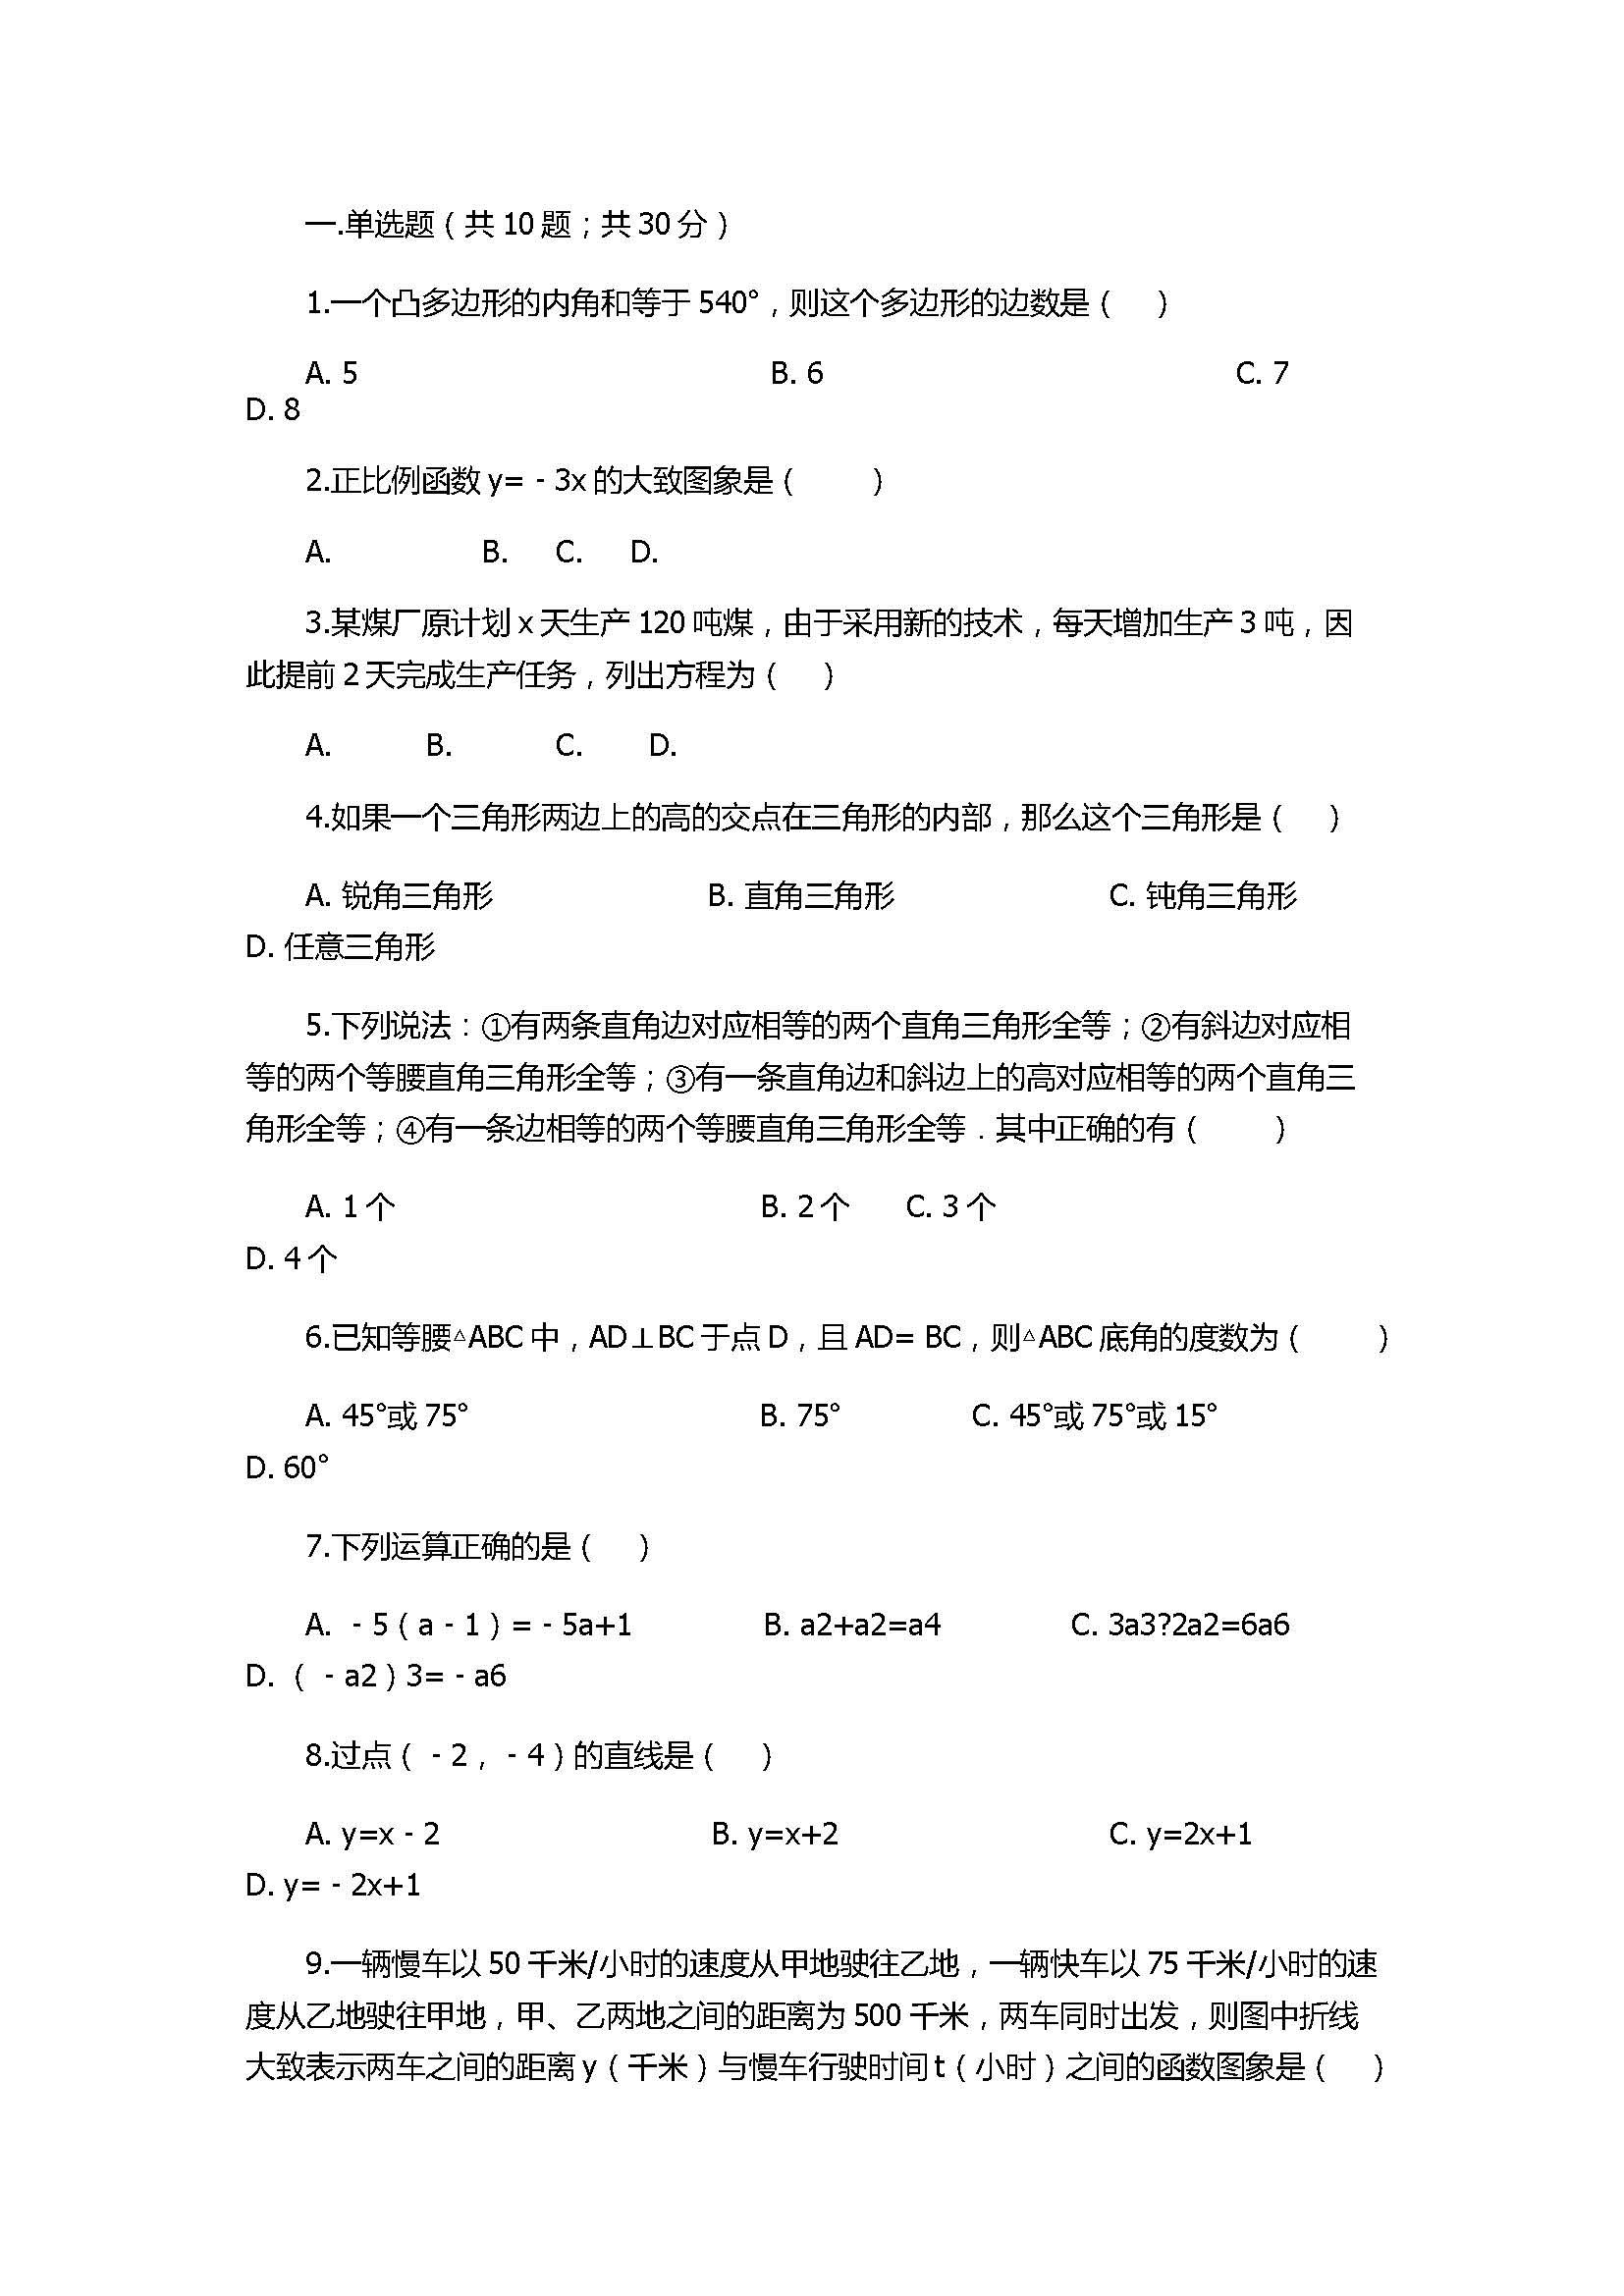 2017八年级上册数学期末模拟试卷含答案(山东省聊城市莘县)